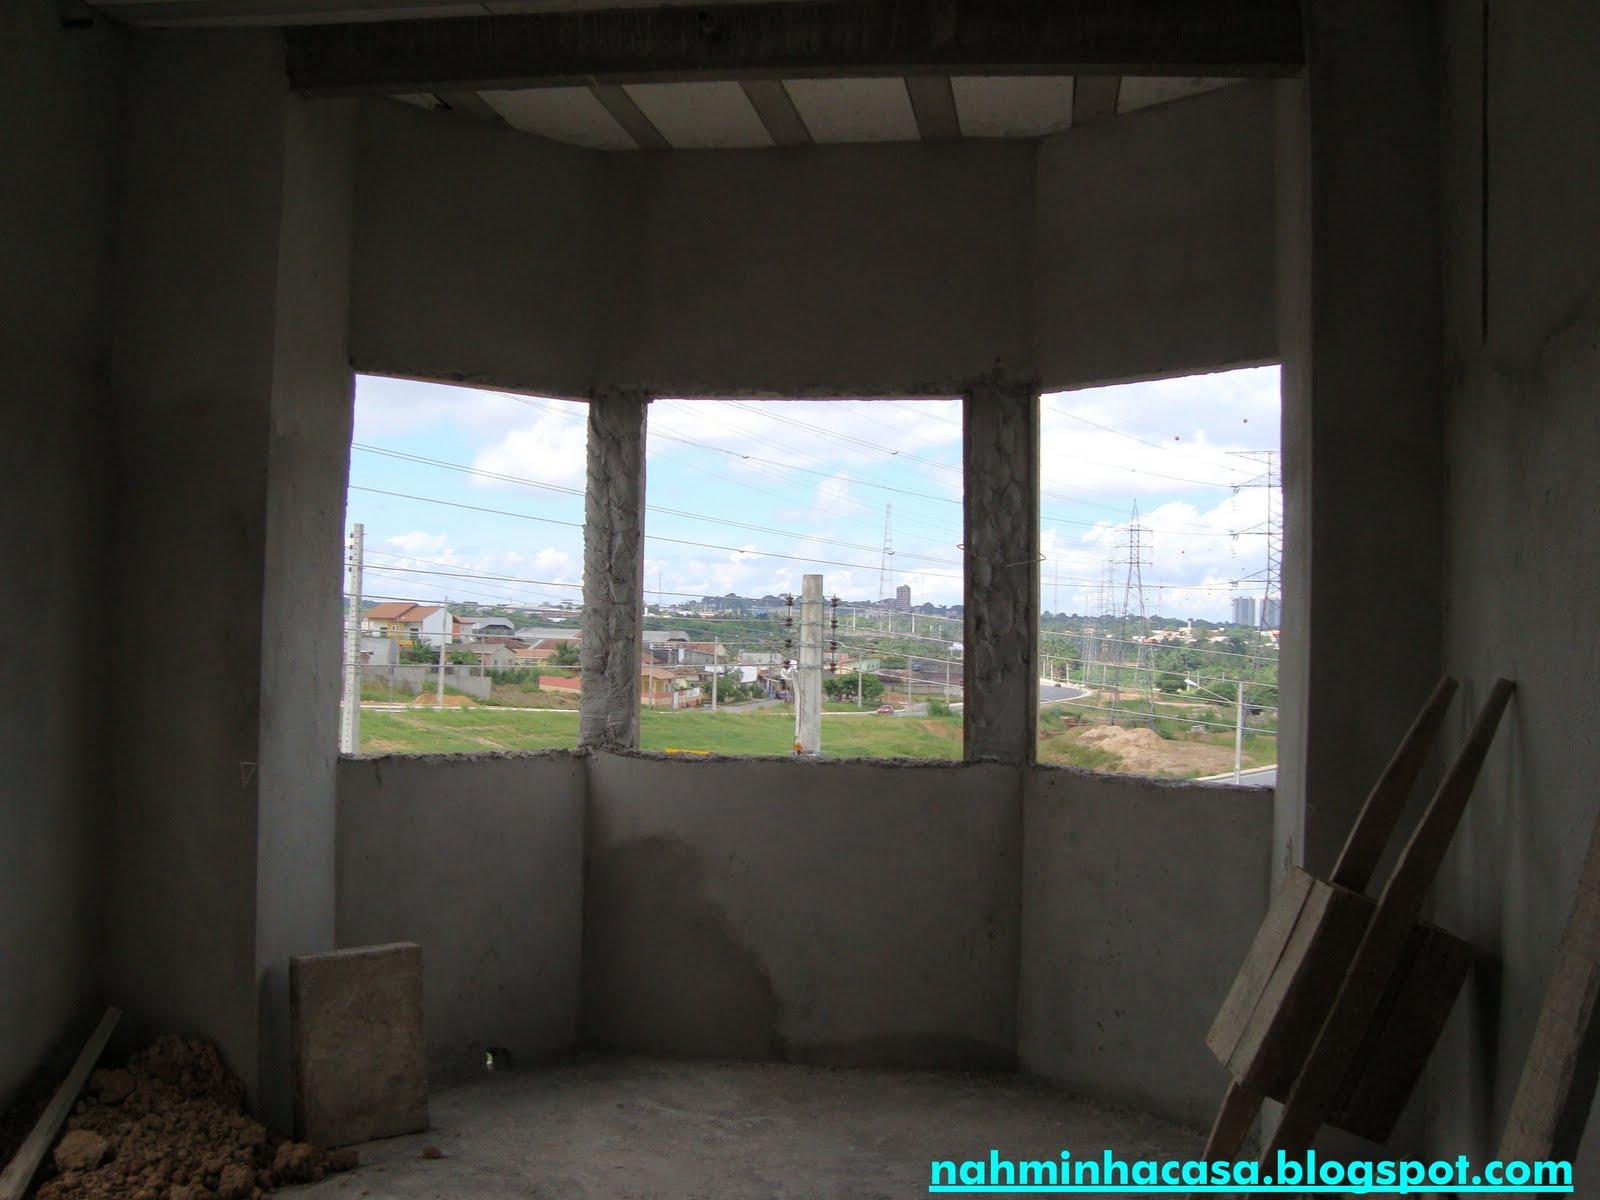 Muito Nah Minha Casa: Alguns Detalhes da casa XV07